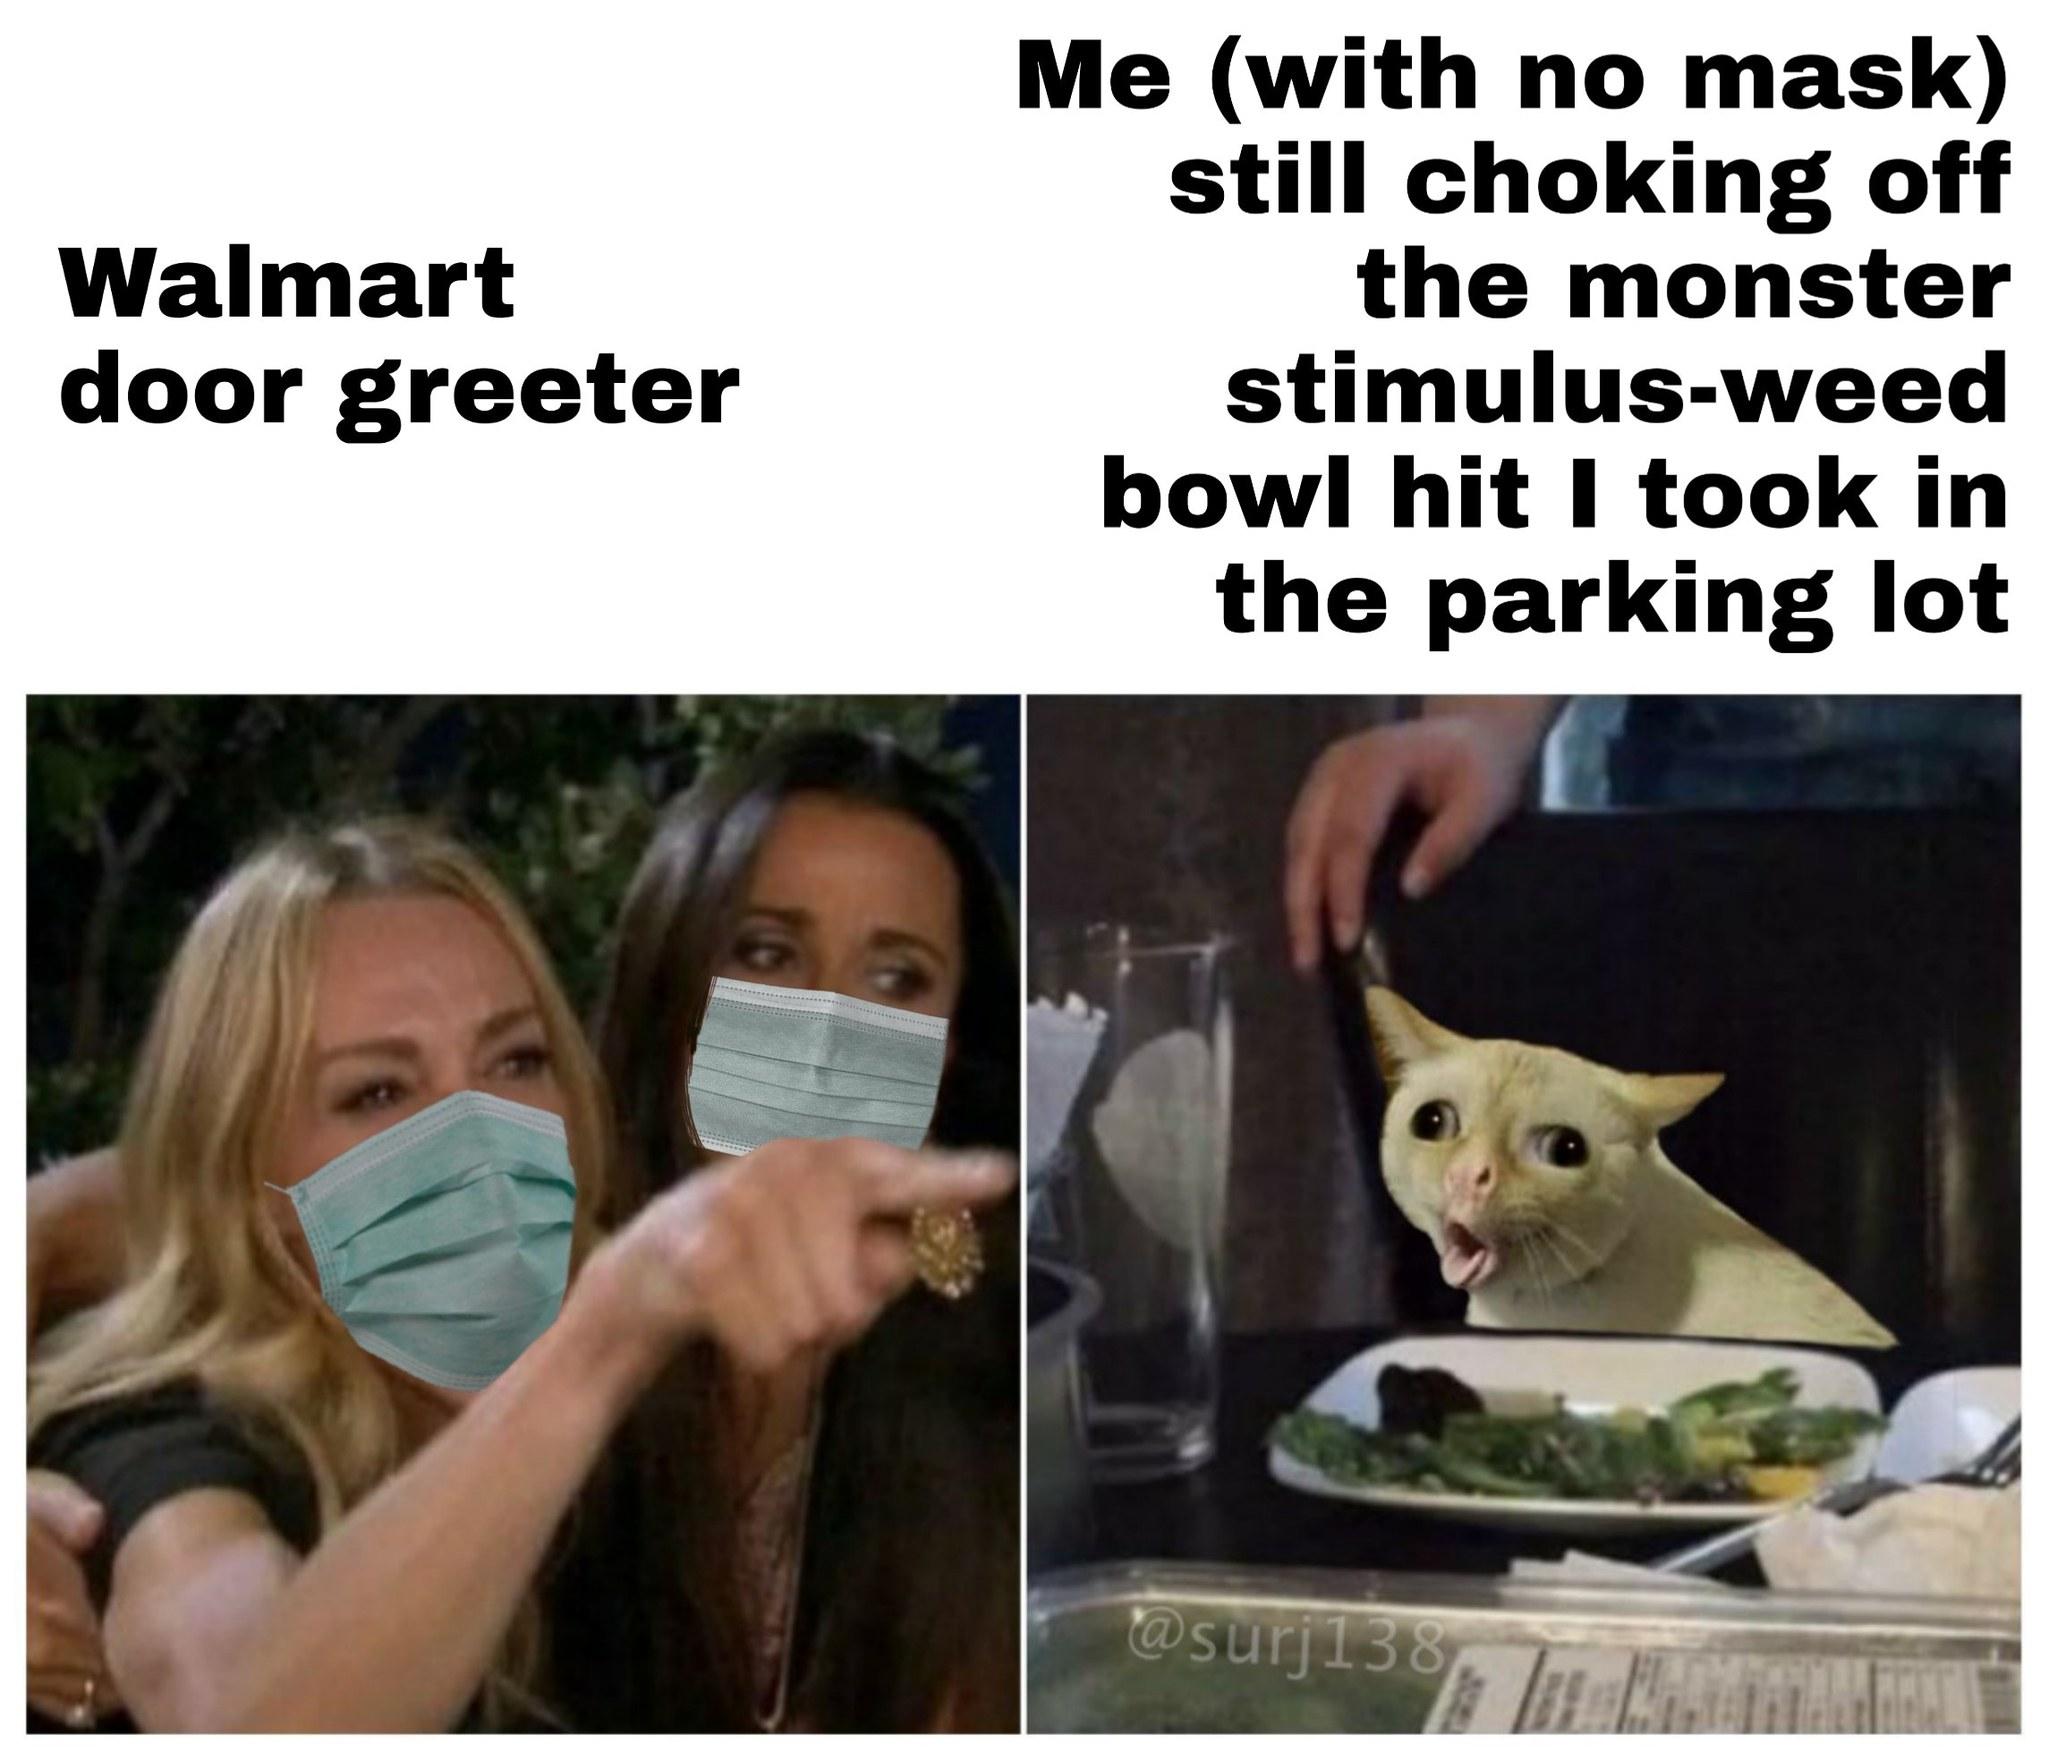 Stimulus weed - meme